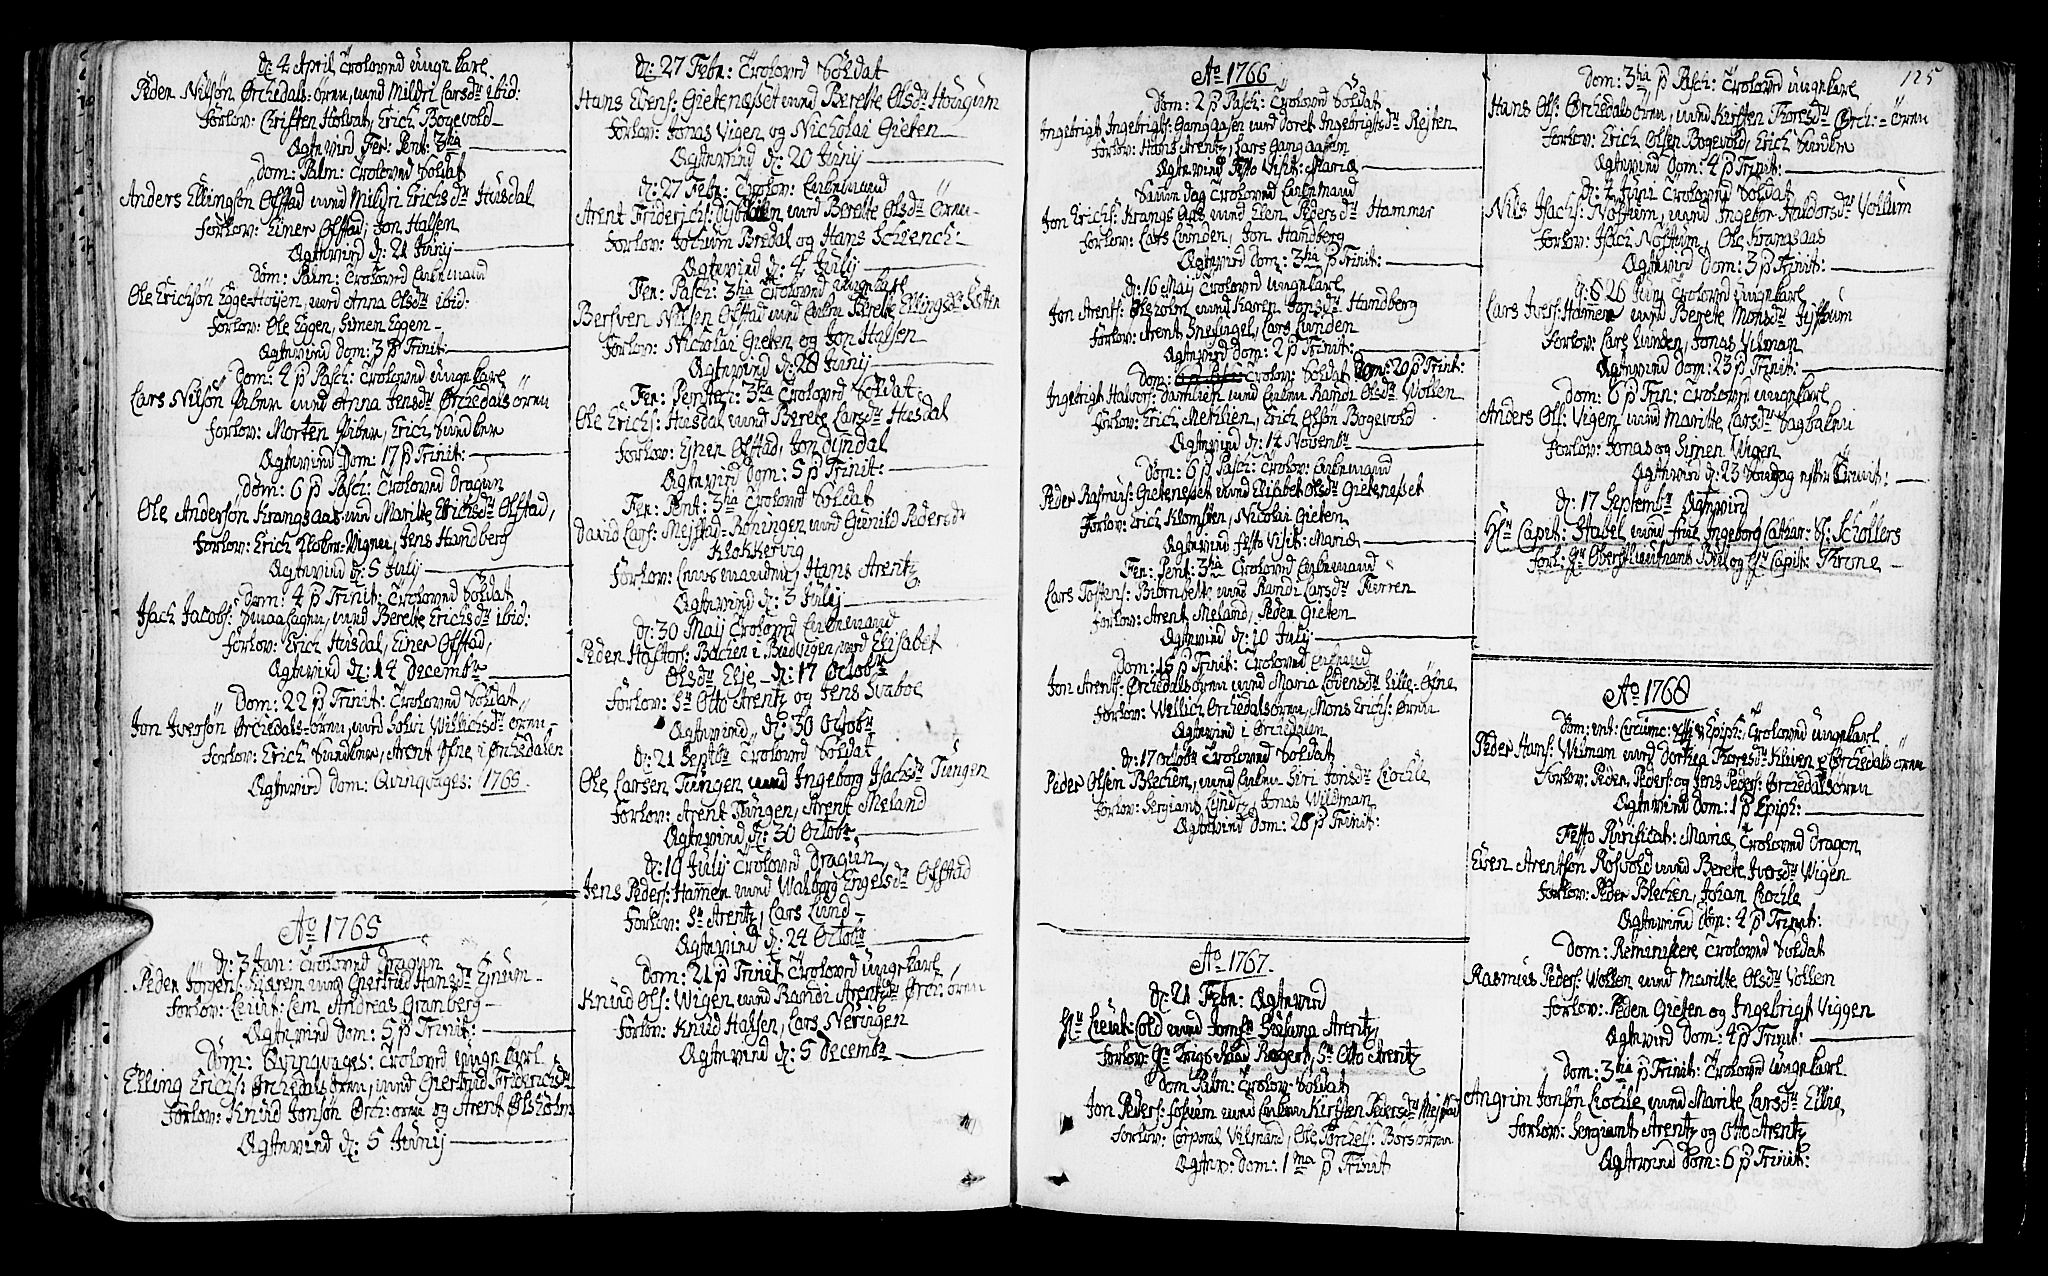 SAT, Ministerialprotokoller, klokkerbøker og fødselsregistre - Sør-Trøndelag, 665/L0768: Ministerialbok nr. 665A03, 1754-1803, s. 125